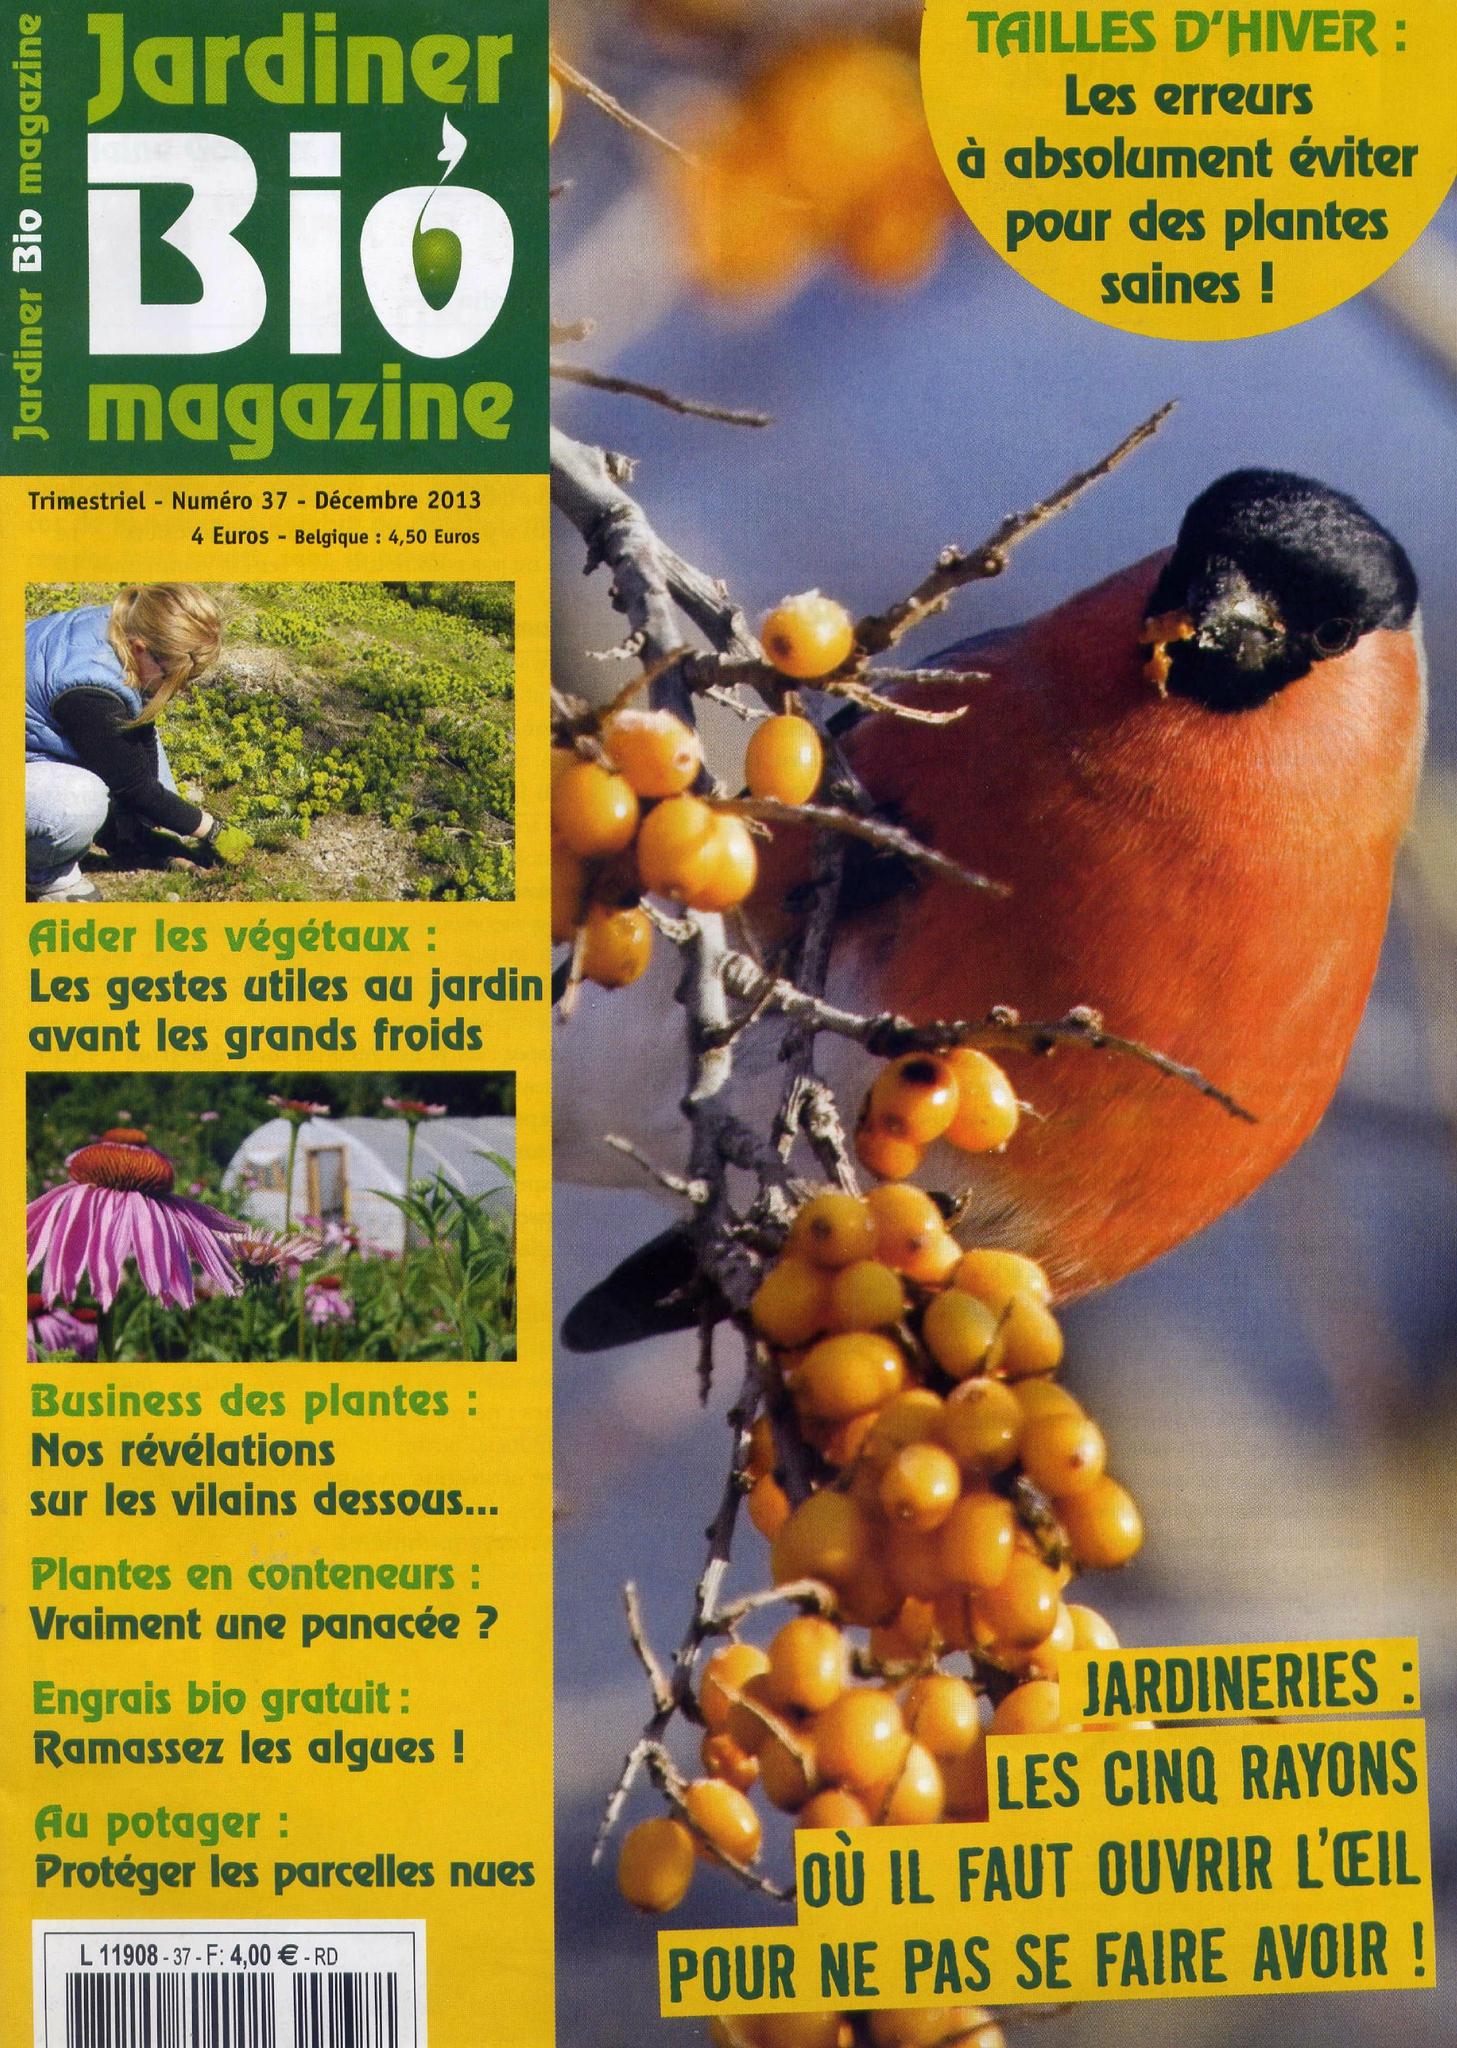 Plathelminthe : Le Ver Invasif Mangeur De Ver De Terre ... intérieur Jardiner Bio Magazine